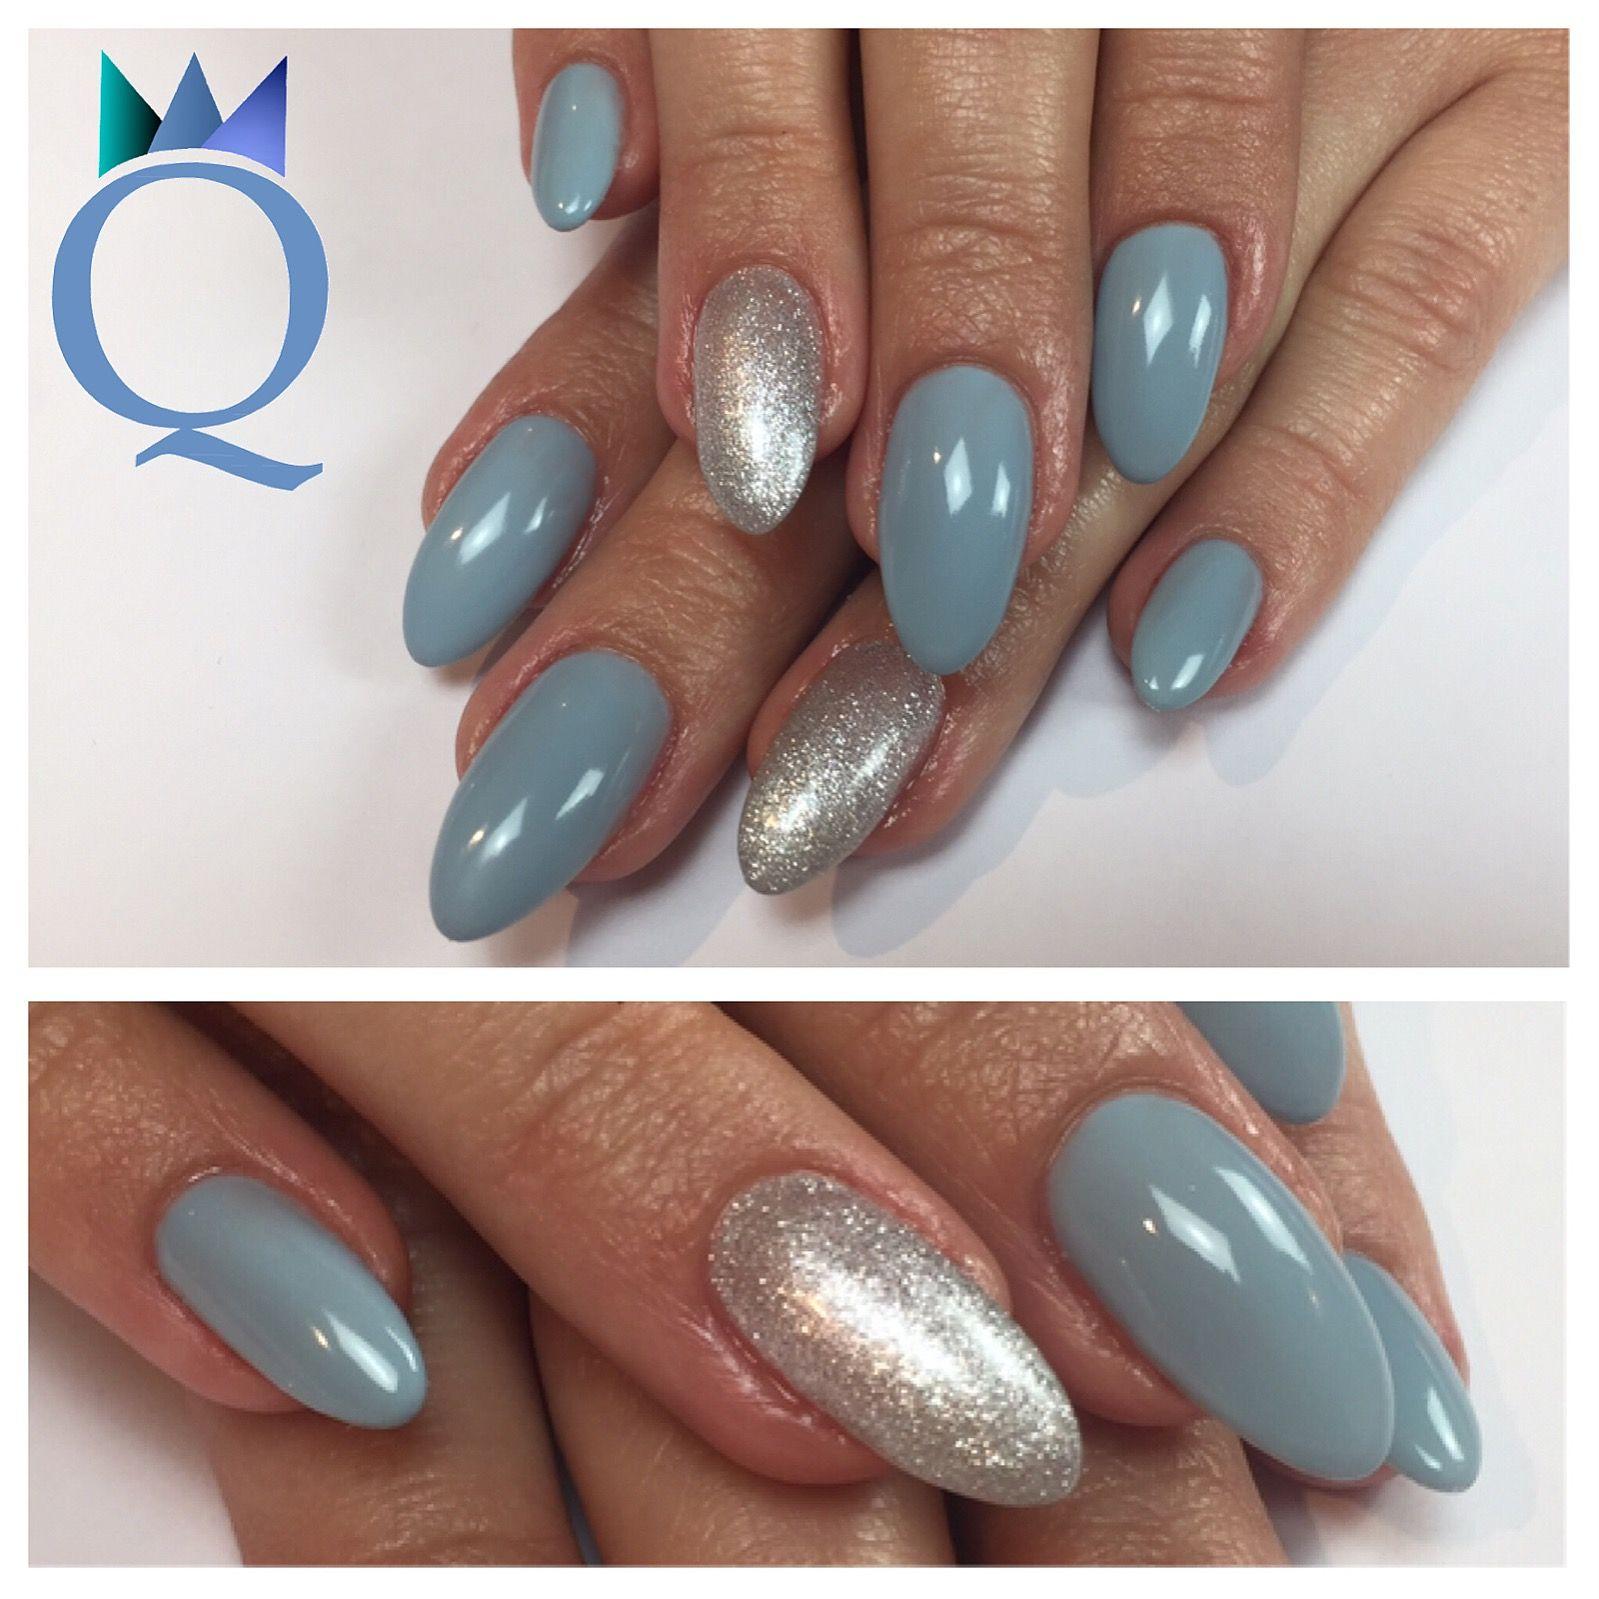 almondnails nails gelnails blue silver mandelform. Black Bedroom Furniture Sets. Home Design Ideas